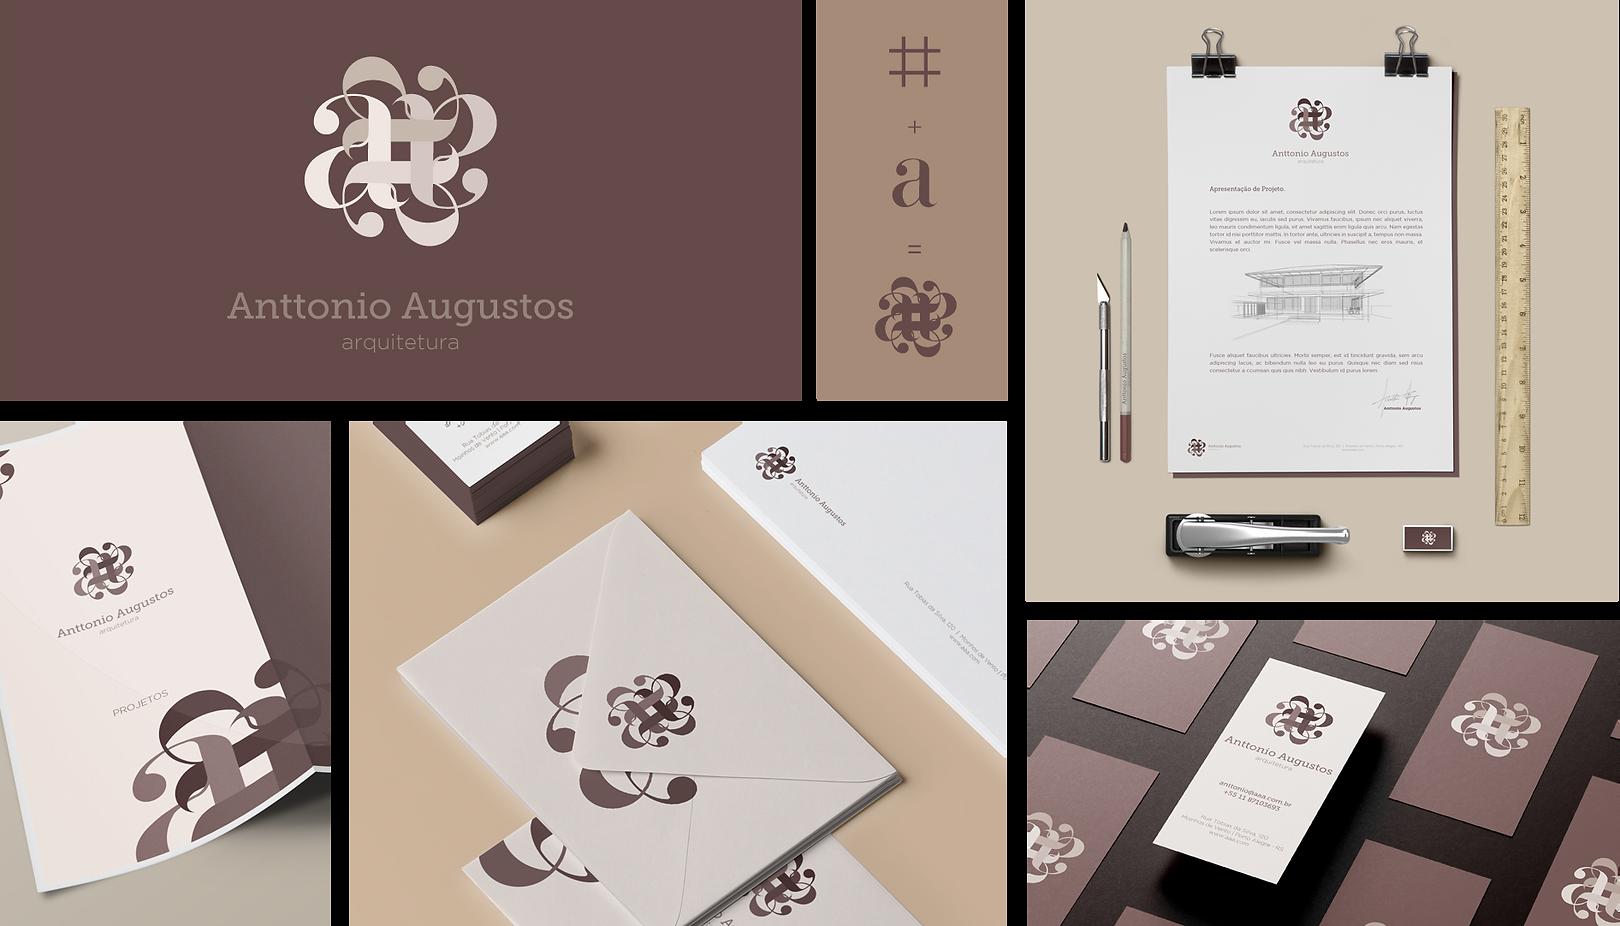 AnttonioAugustos_Imagem_Artes.png